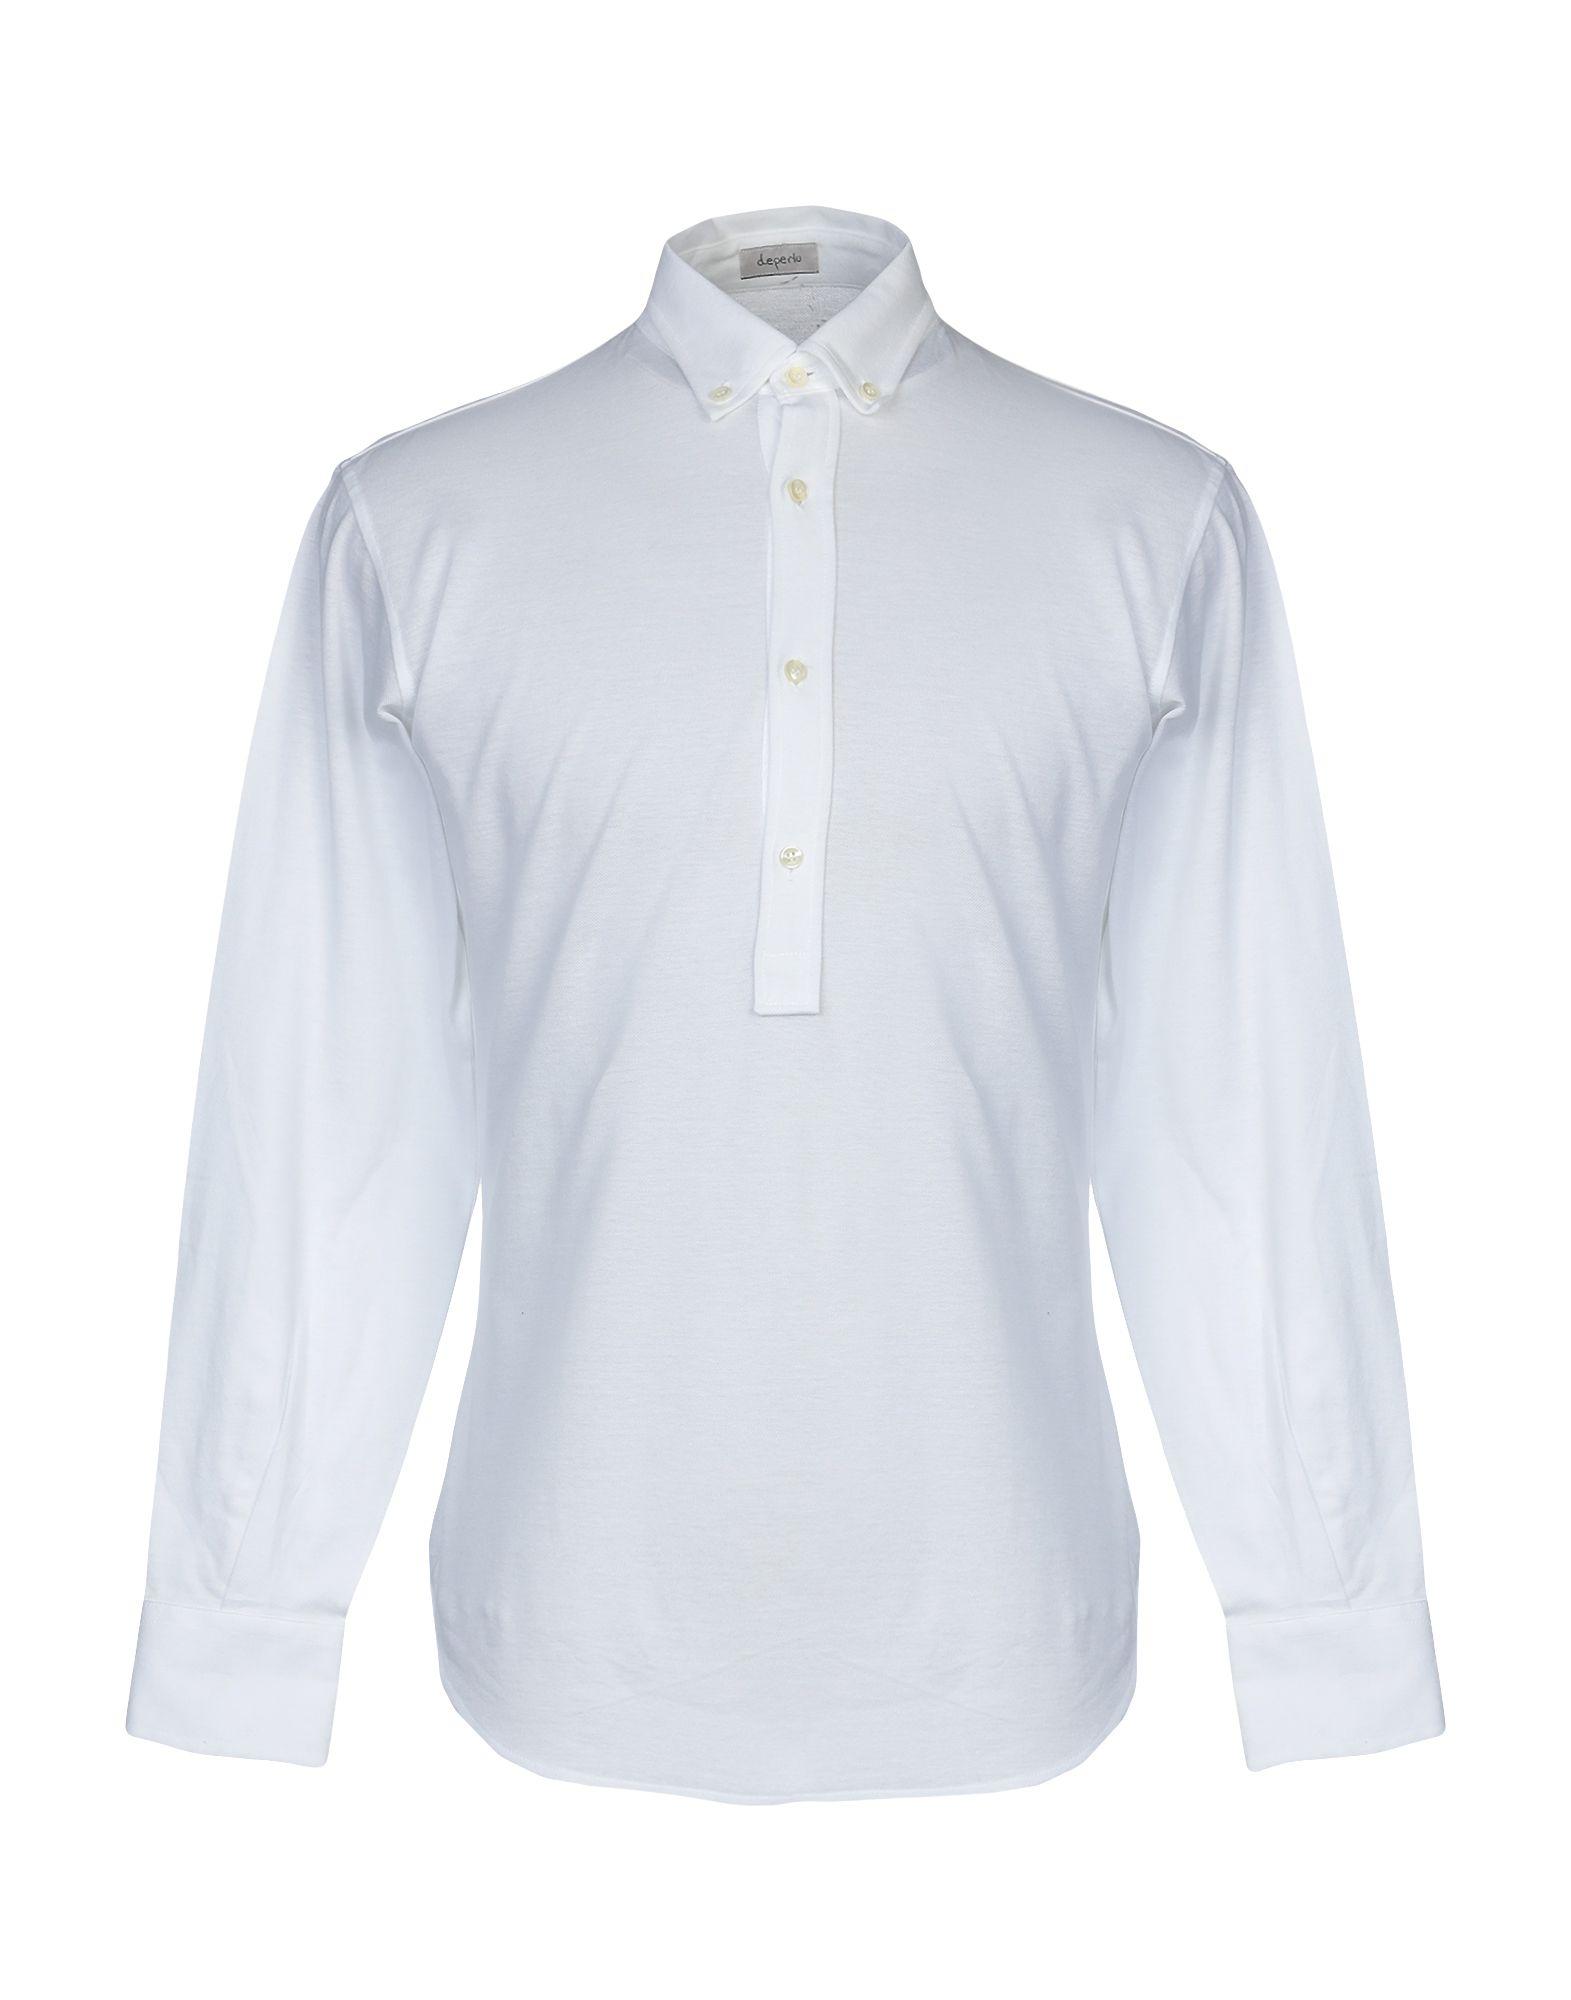 《送料無料》DEPERLU メンズ ポロシャツ ホワイト S コットン 100%